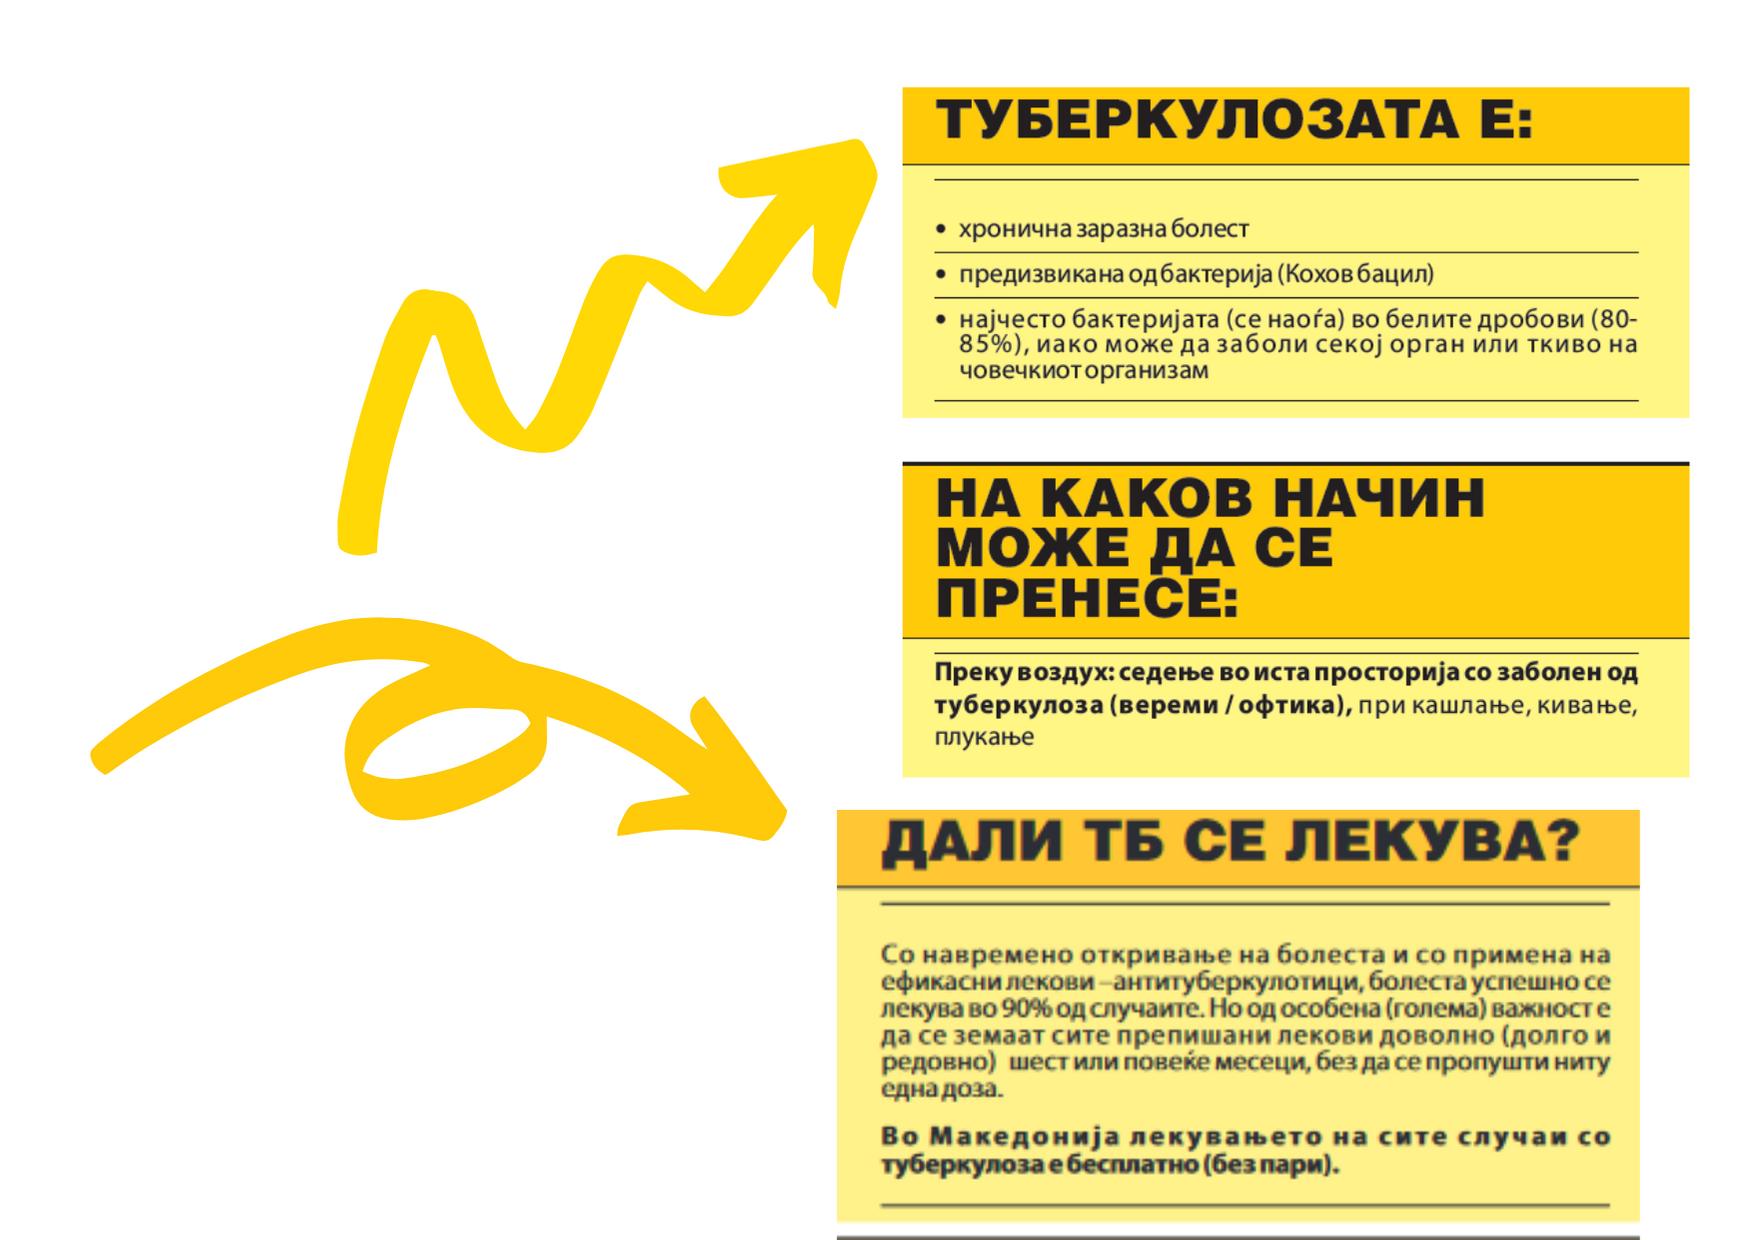 Инфо-брошура за туберкулозата (РЗМ)